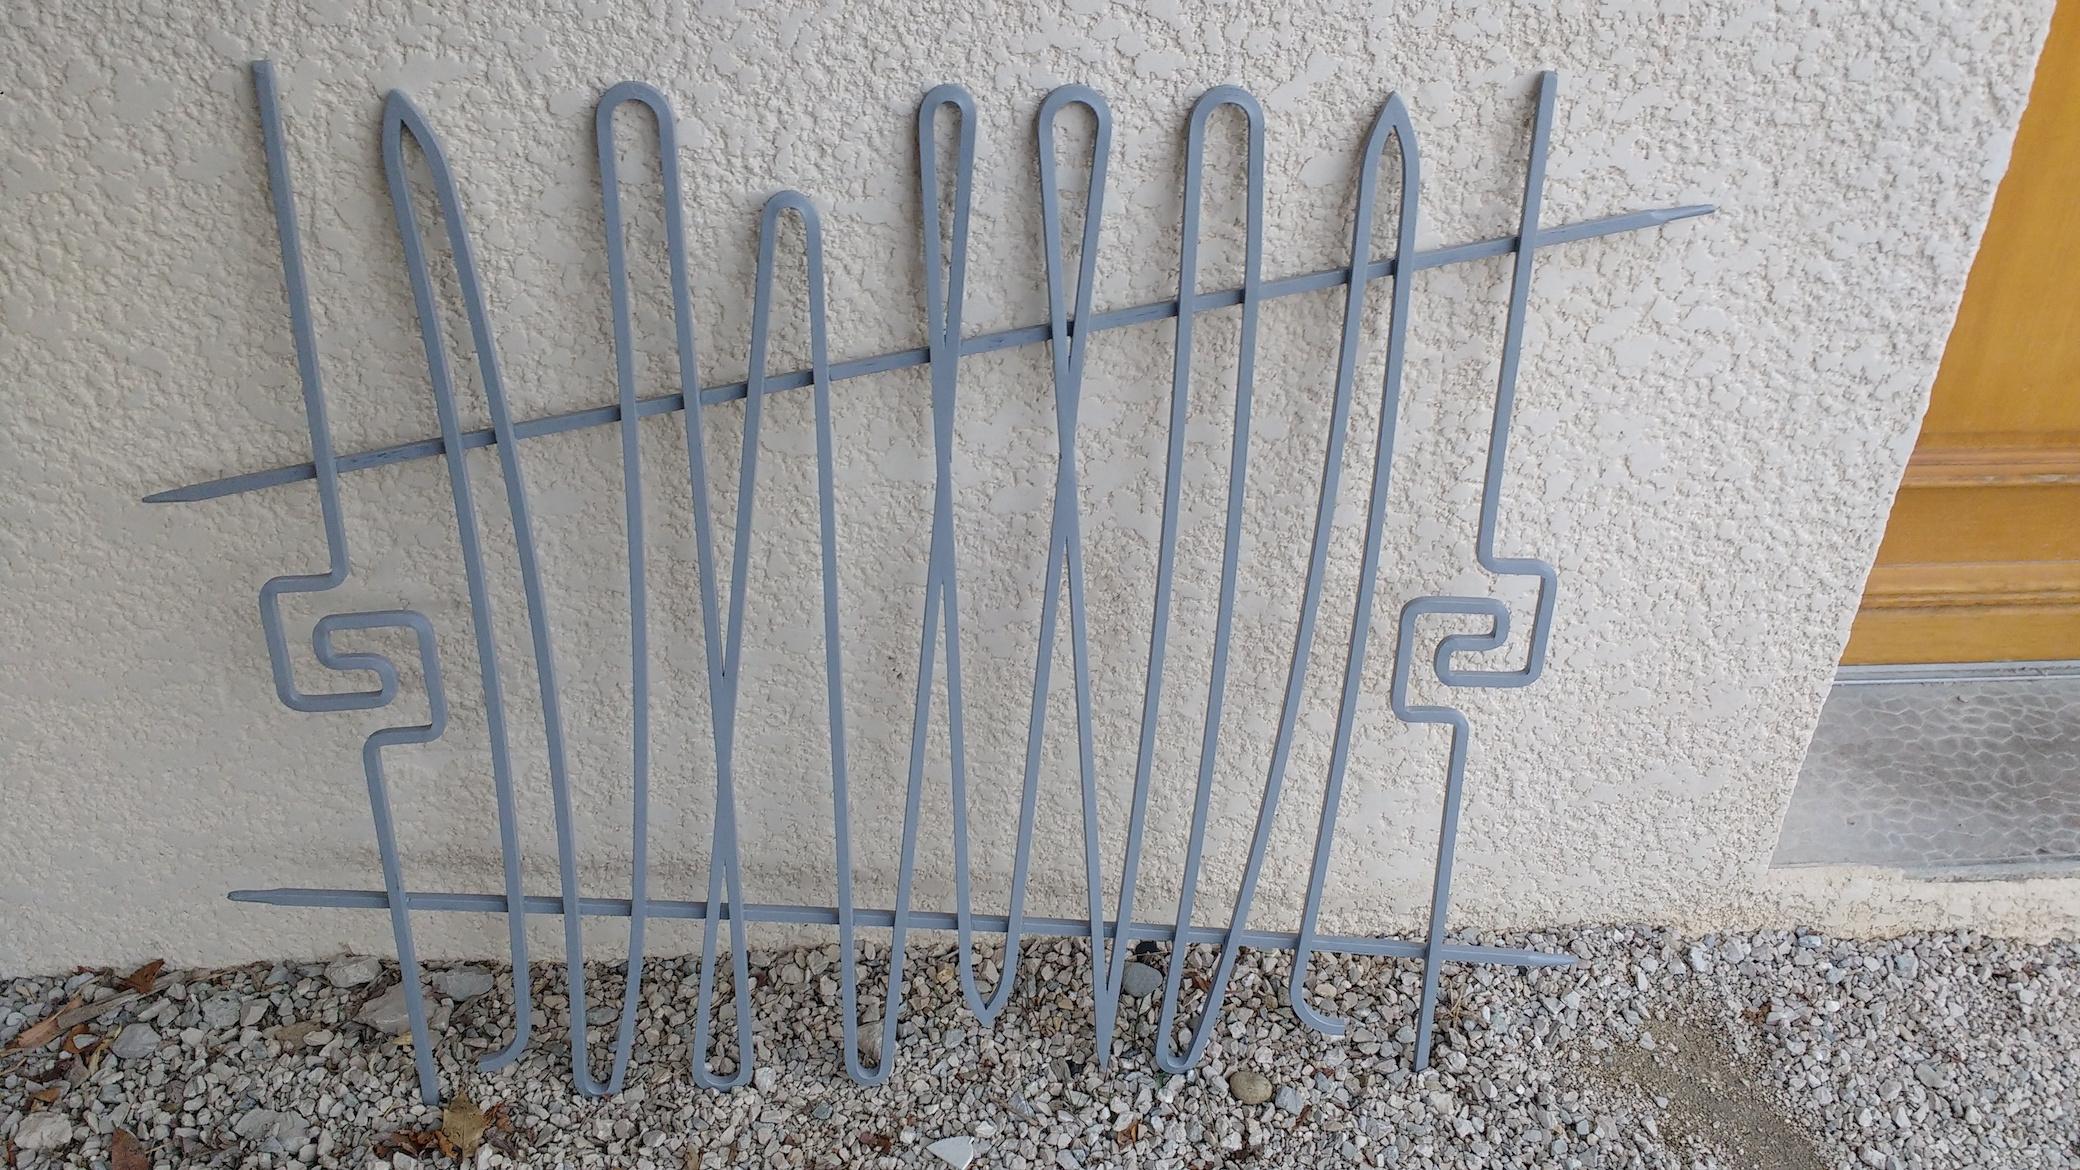 Conception et fabrication complète par notre client d'une grille de défense fer forgé -  Réalisation à  partir de notre gamme de pièces détachées  . Localisation Haute savoie